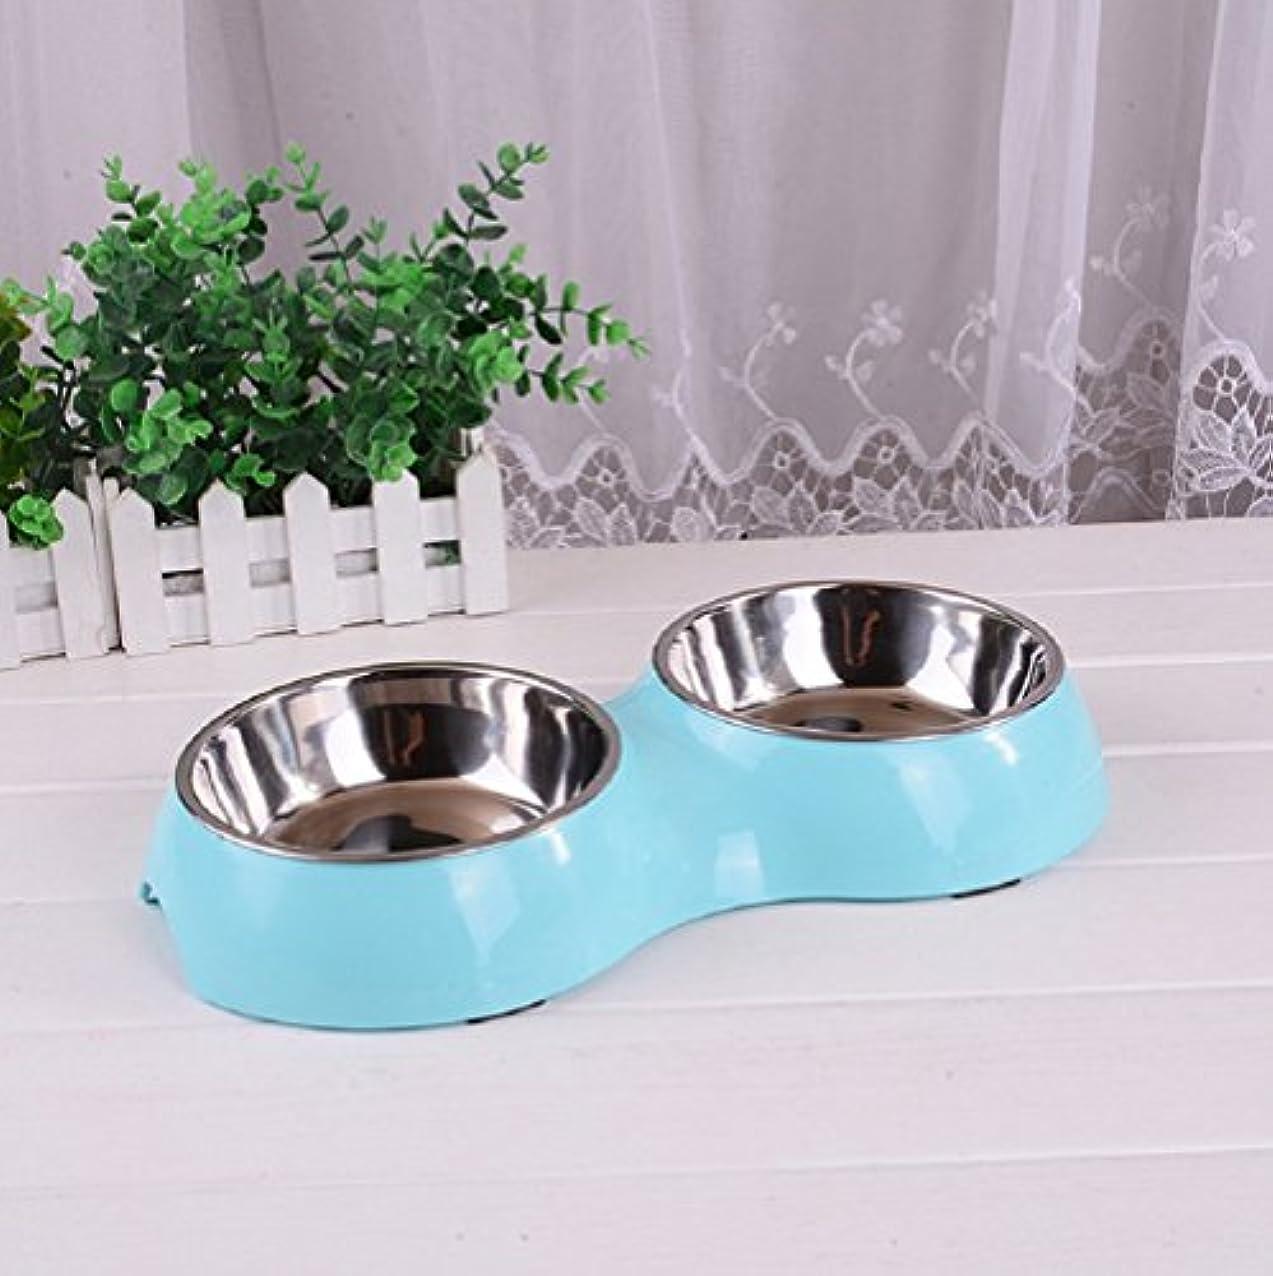 見る人予感安全性Beho ペット用品 ペットボウル 食器 皿 犬猫用 ステンレス製 滑り止め 給餌容器 給水容器全3色選ぶ - ブルー